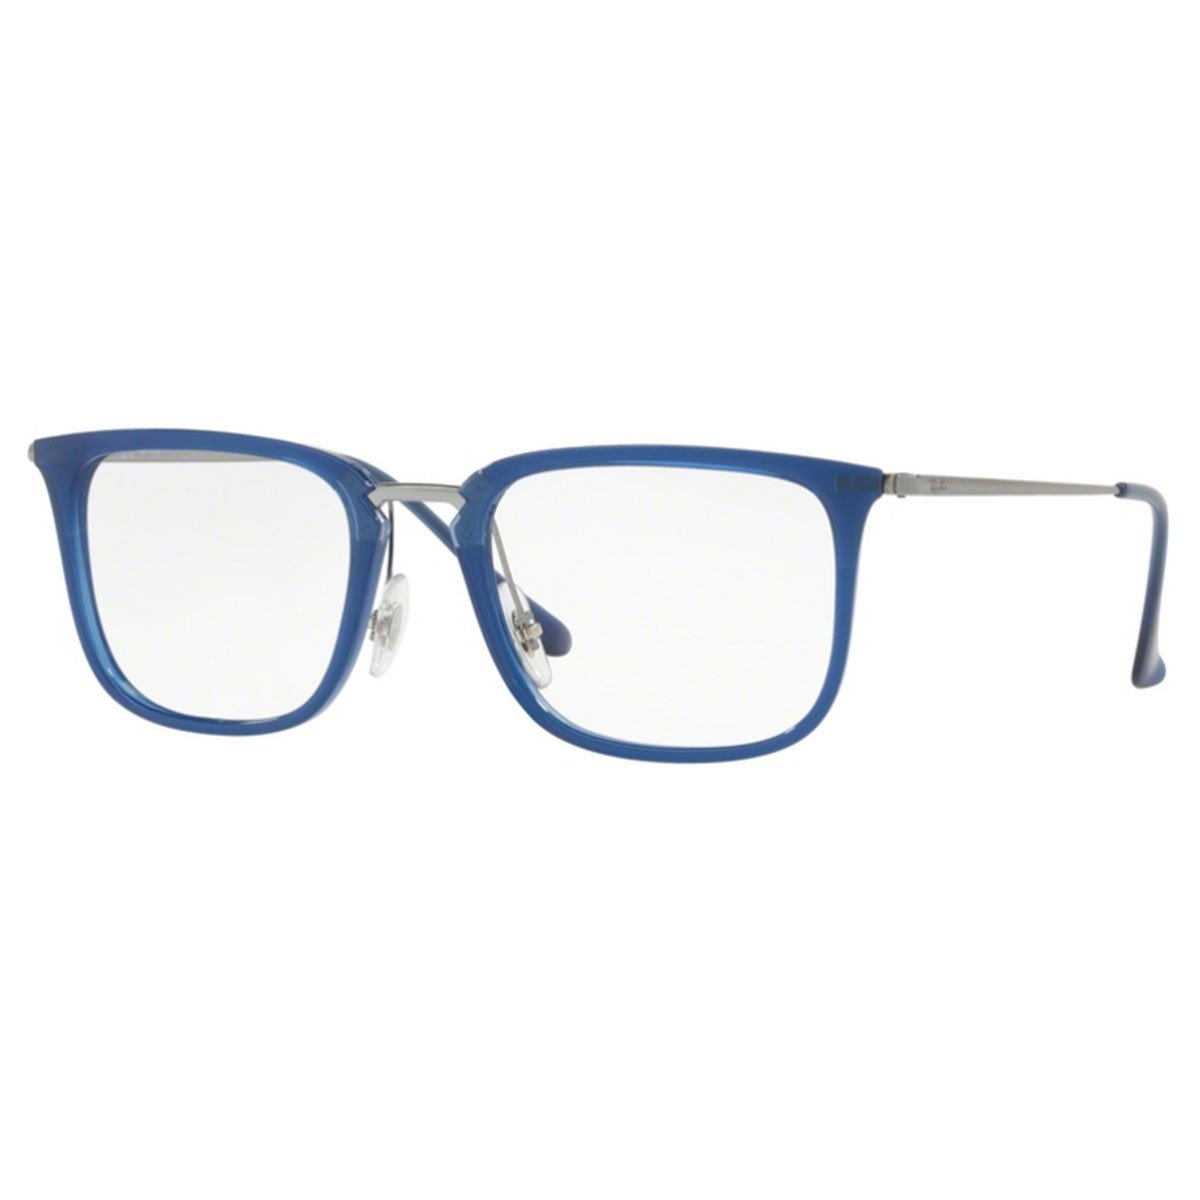 10c2b76983107 Compre Óculos de Grau Ray Ban em 10X   Tri-Jóia Shop